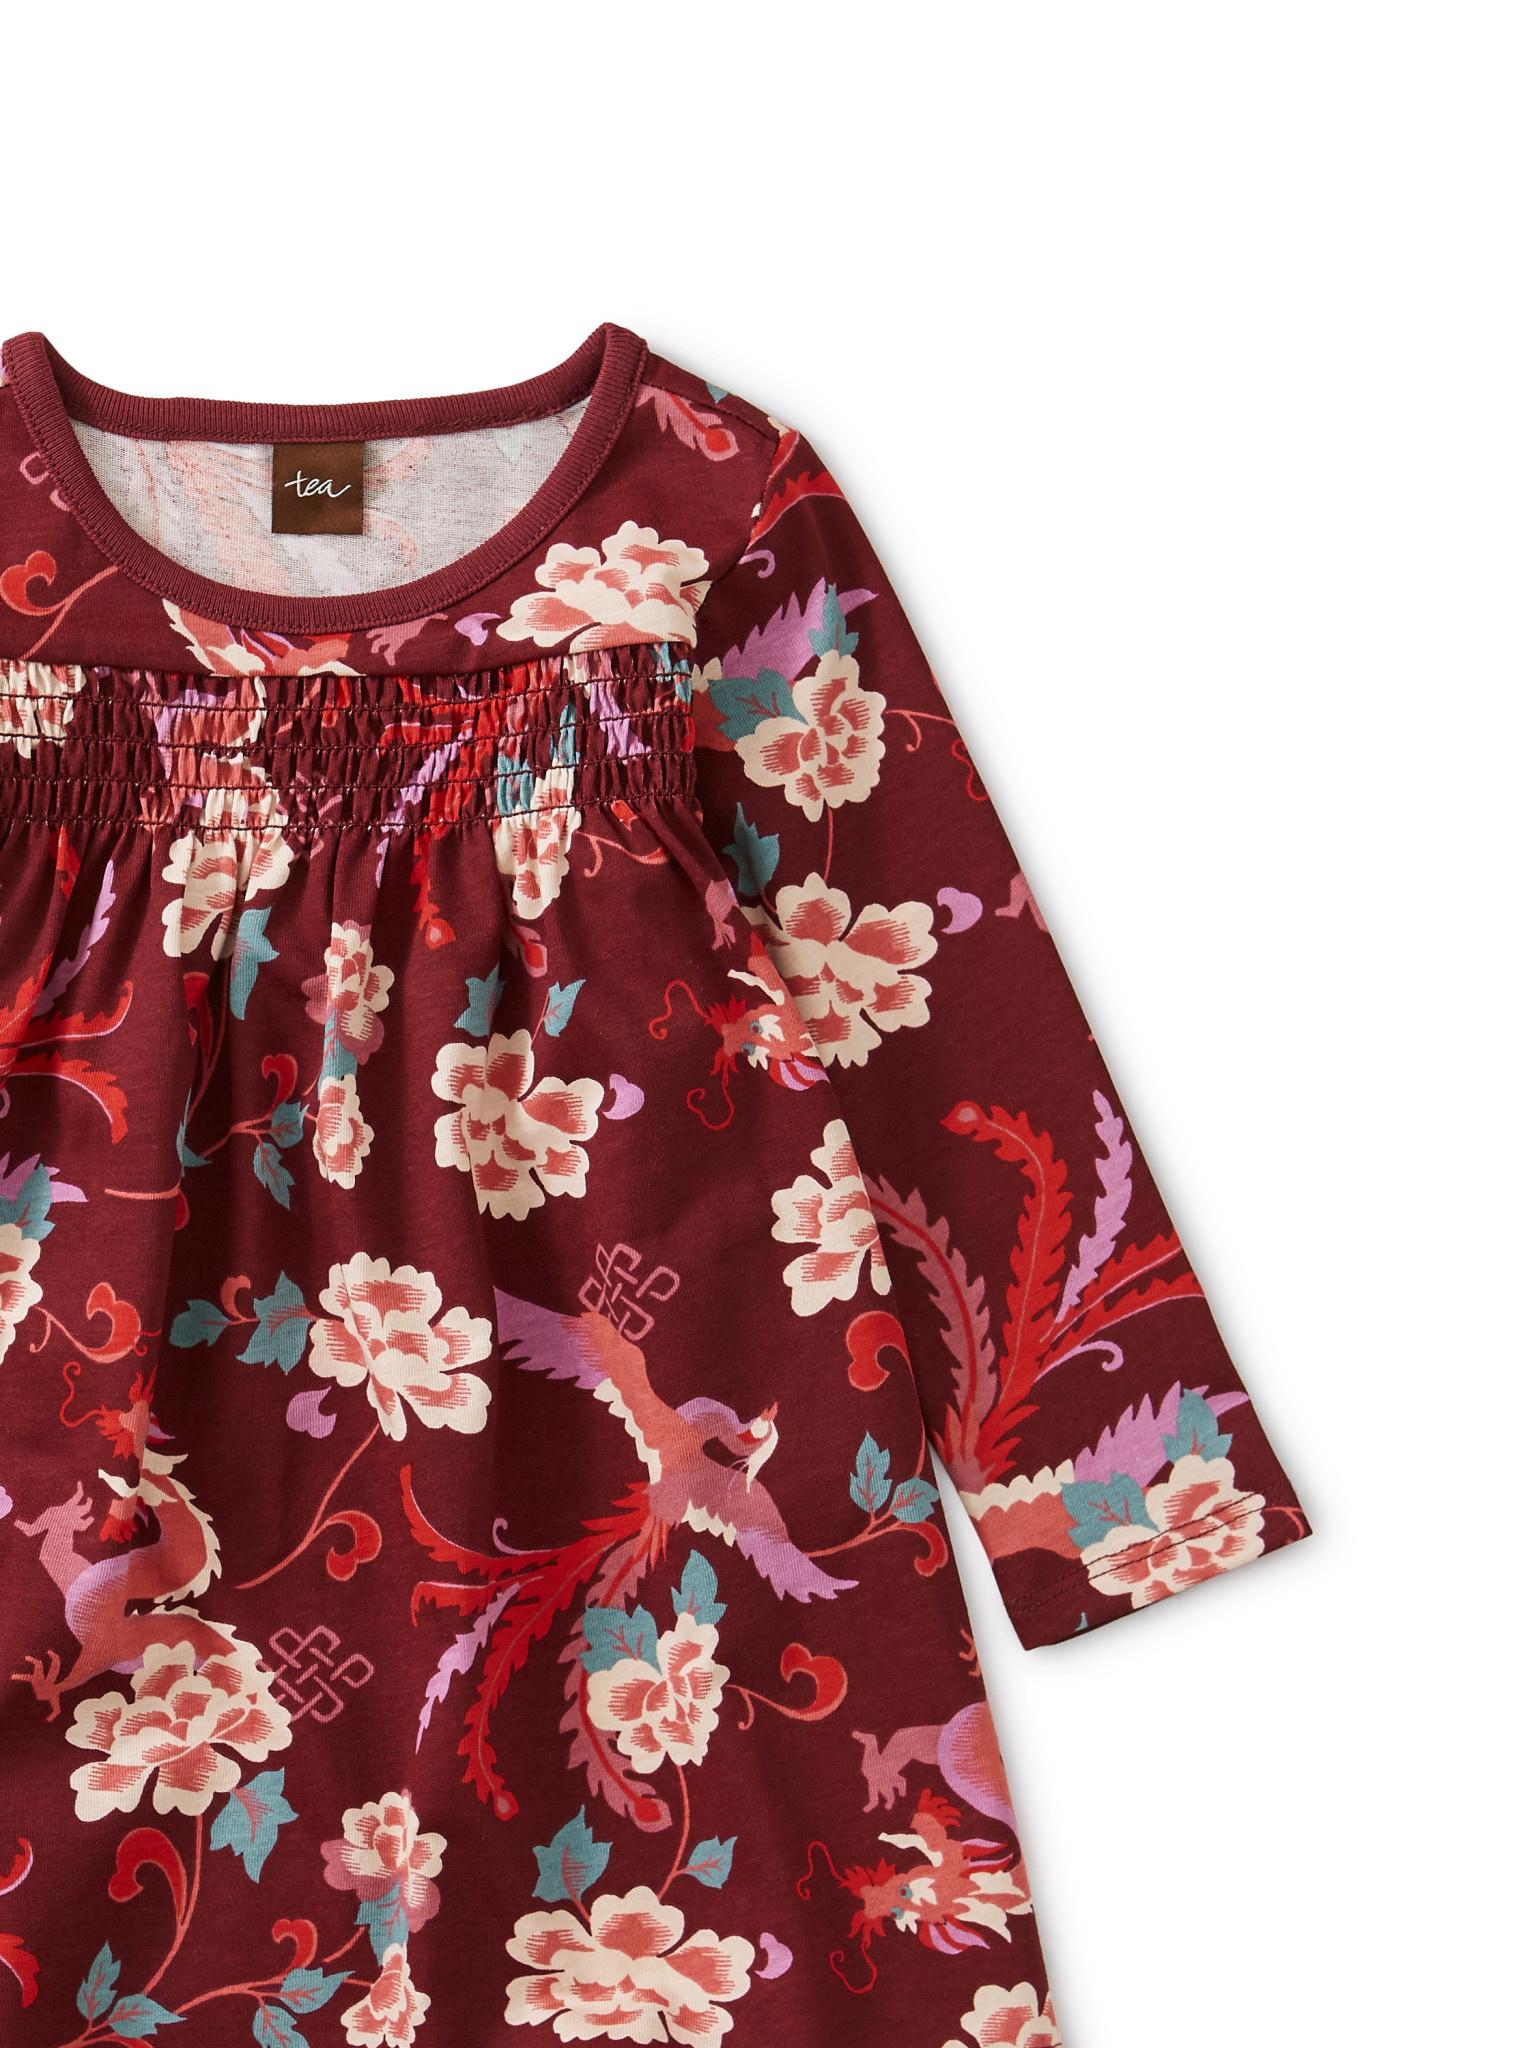 Tea Collection Bhutanese Dragon Smocked Baby Dress